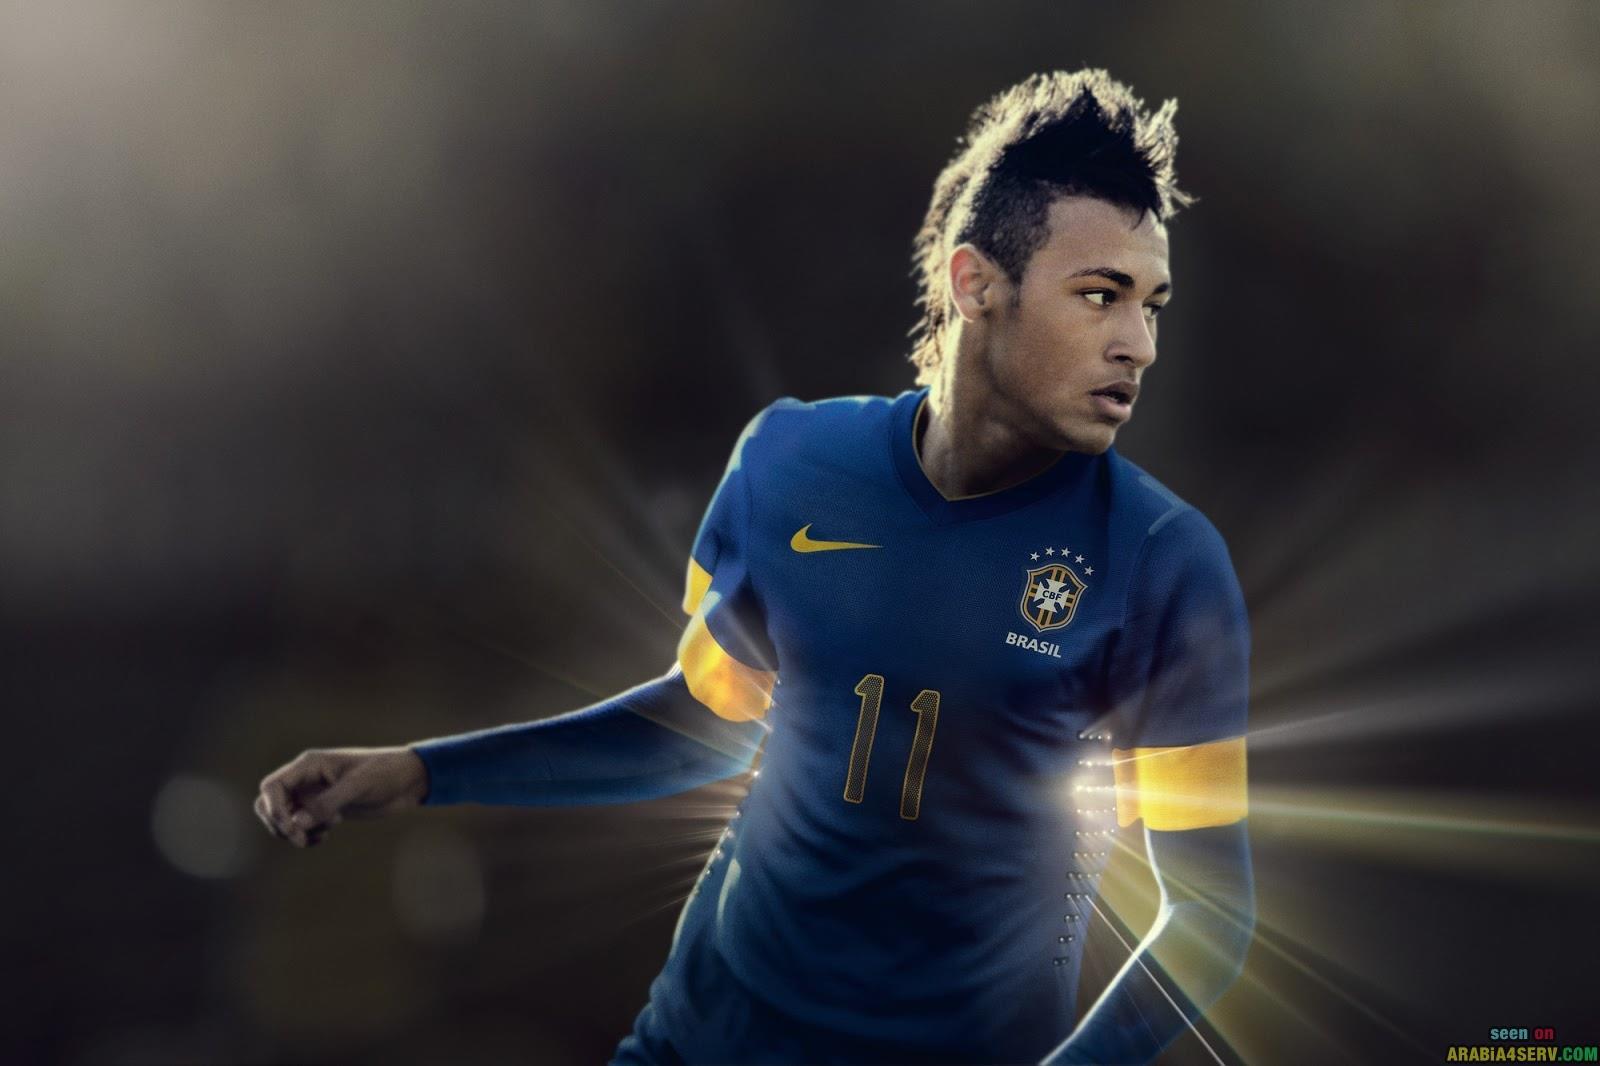 خلفيات-نيمار-HD-مع-البرازيل-و-برشلونة-2014-1